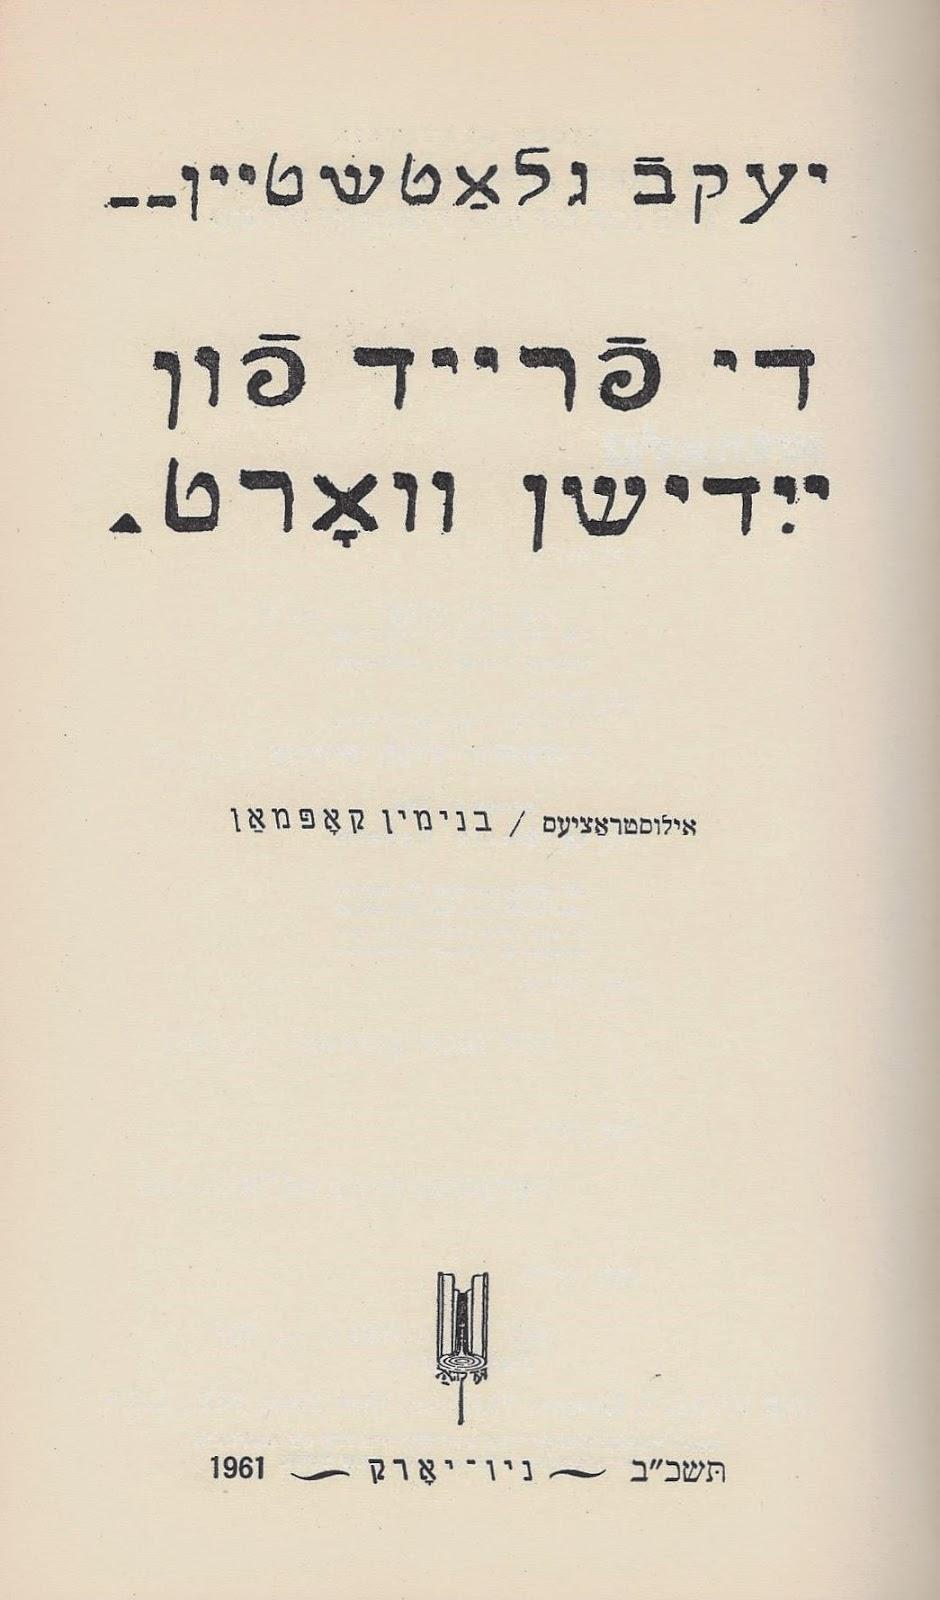 glatshteyn yankev di freyd fun yidishn vort the joy of the yiddish word illustrated by binyomin kopman new york der kval 1961